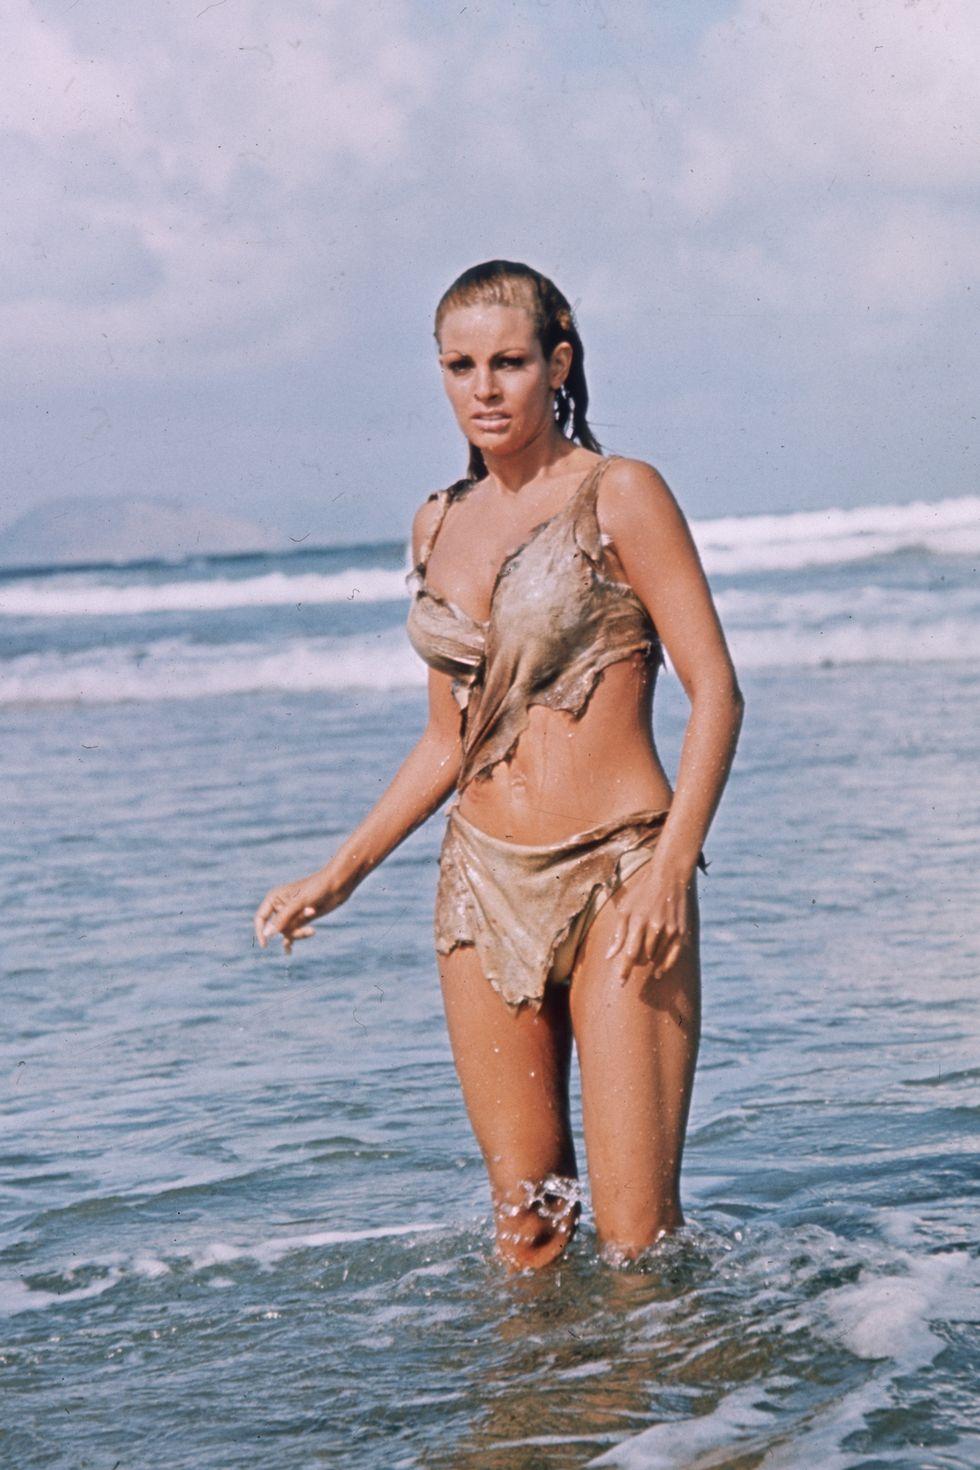 Hành trình 75 năm gắn bó cùng phụ nữ của bikini - Ảnh 5.